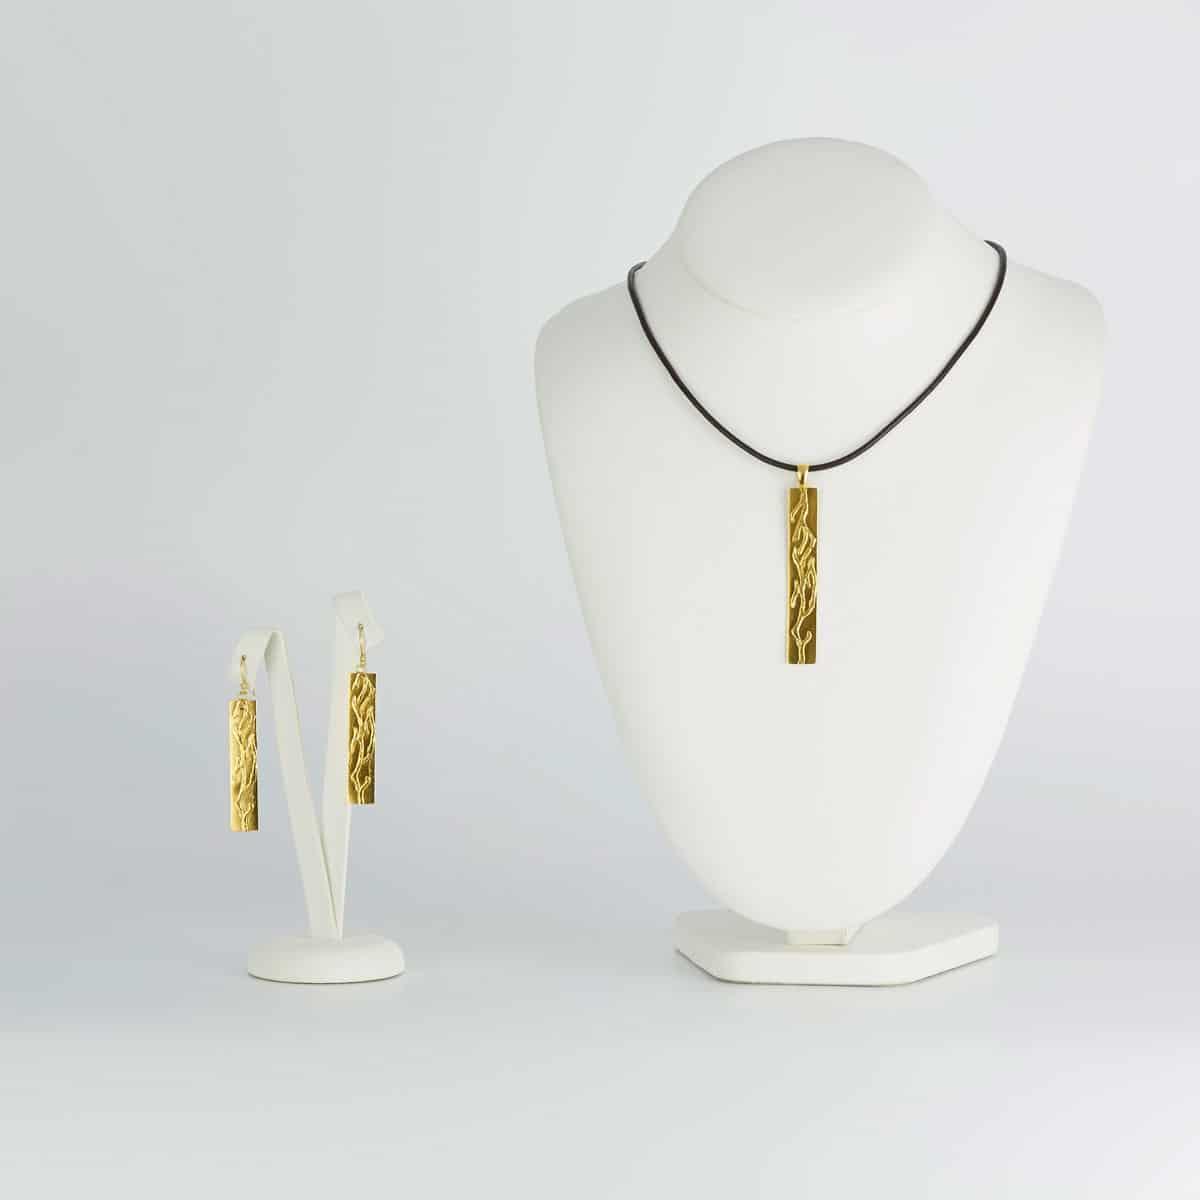 Colgante de plata con baño de oro modelo Outono, joyería de diseño en plata con baño de oro, Joyas Siliva.